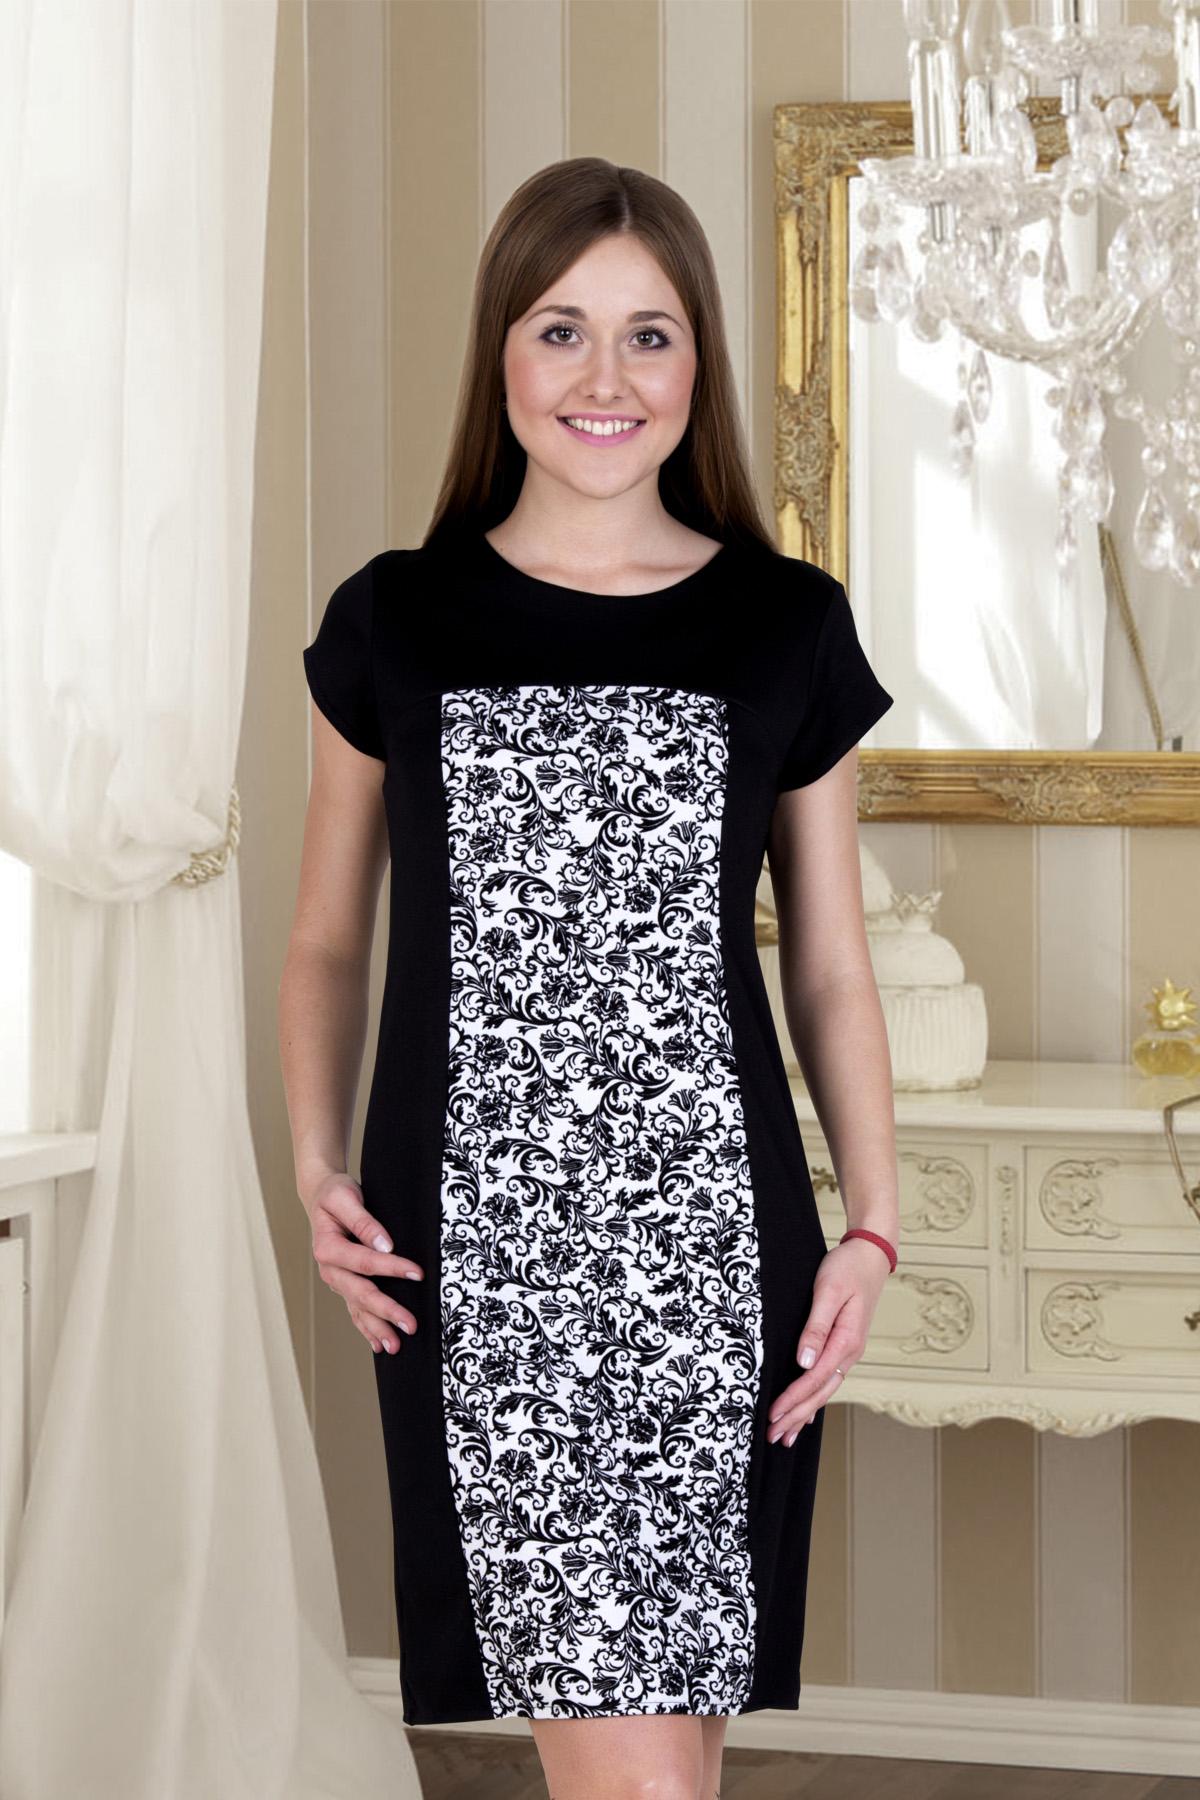 Жен. платье Нелли р. 44Платья<br>Обхват груди: 88 см <br>Обхват талии: 68 см <br>Обхват бедер: 96 см <br>Длина по спинке: 87 см <br>Рост: 167 см<br><br>Тип: Жен. платье<br>Размер: 44<br>Материал: Милано